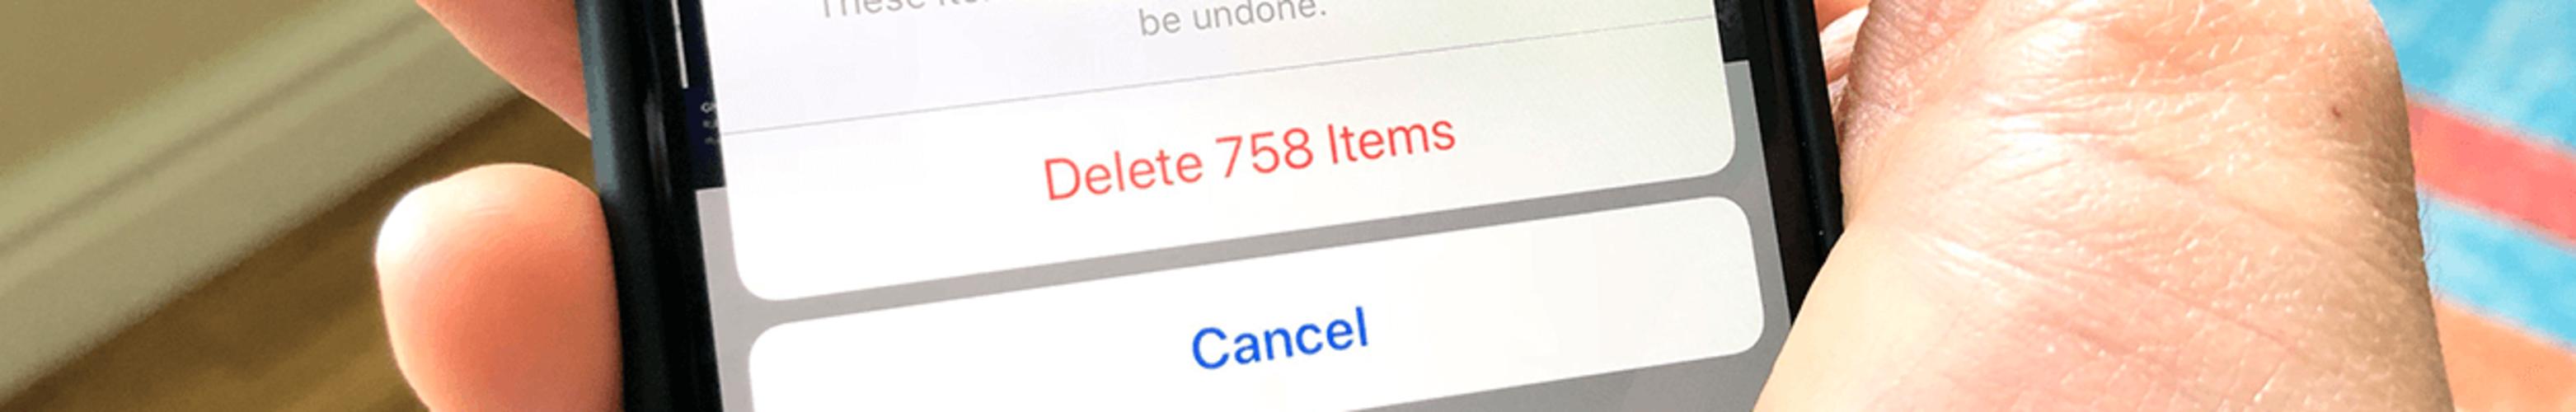 Как массово удалить фото на iPhone?